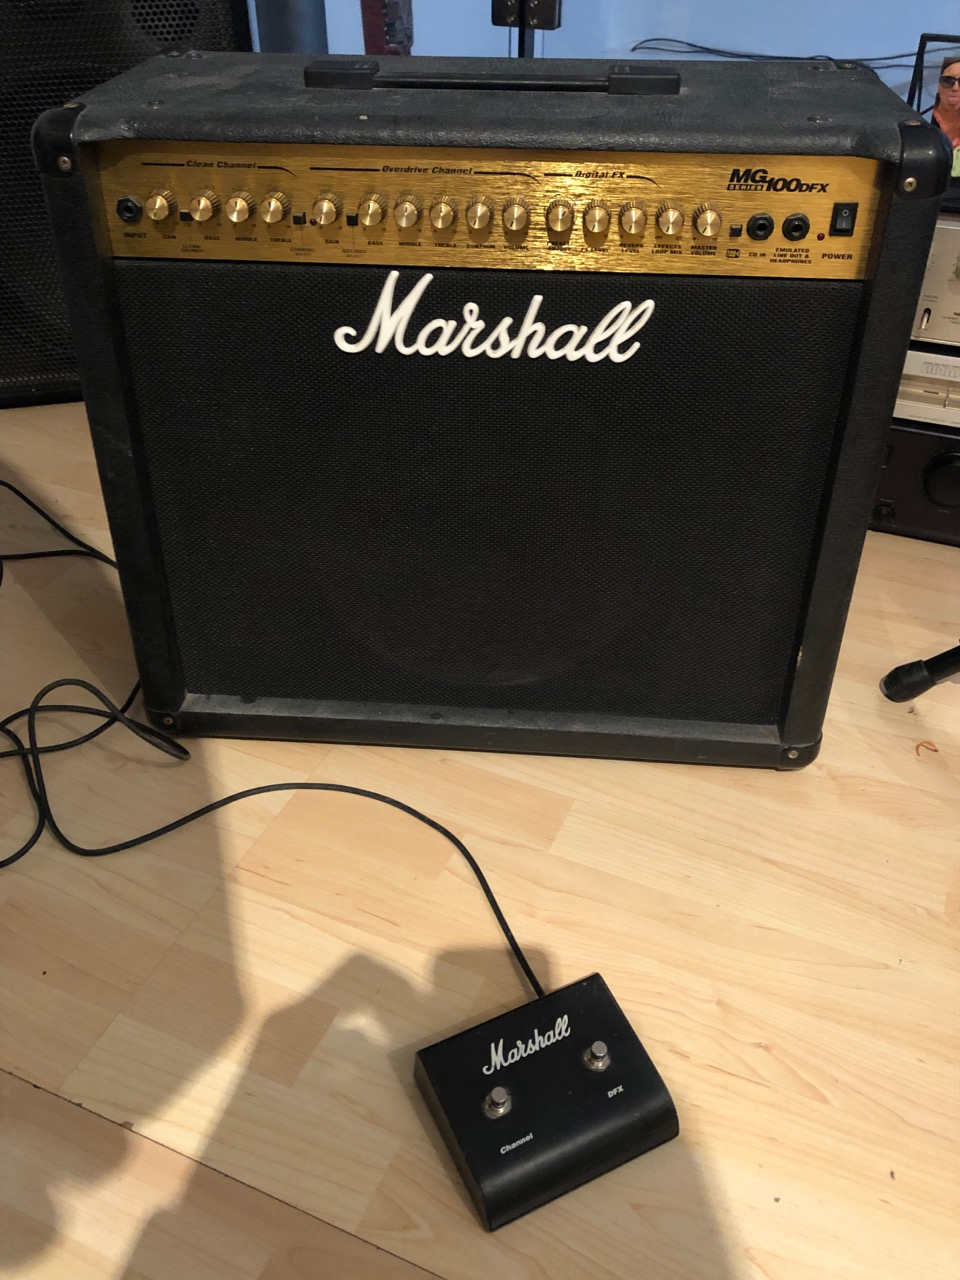 Mg100dfx - Marshall Mg100dfx